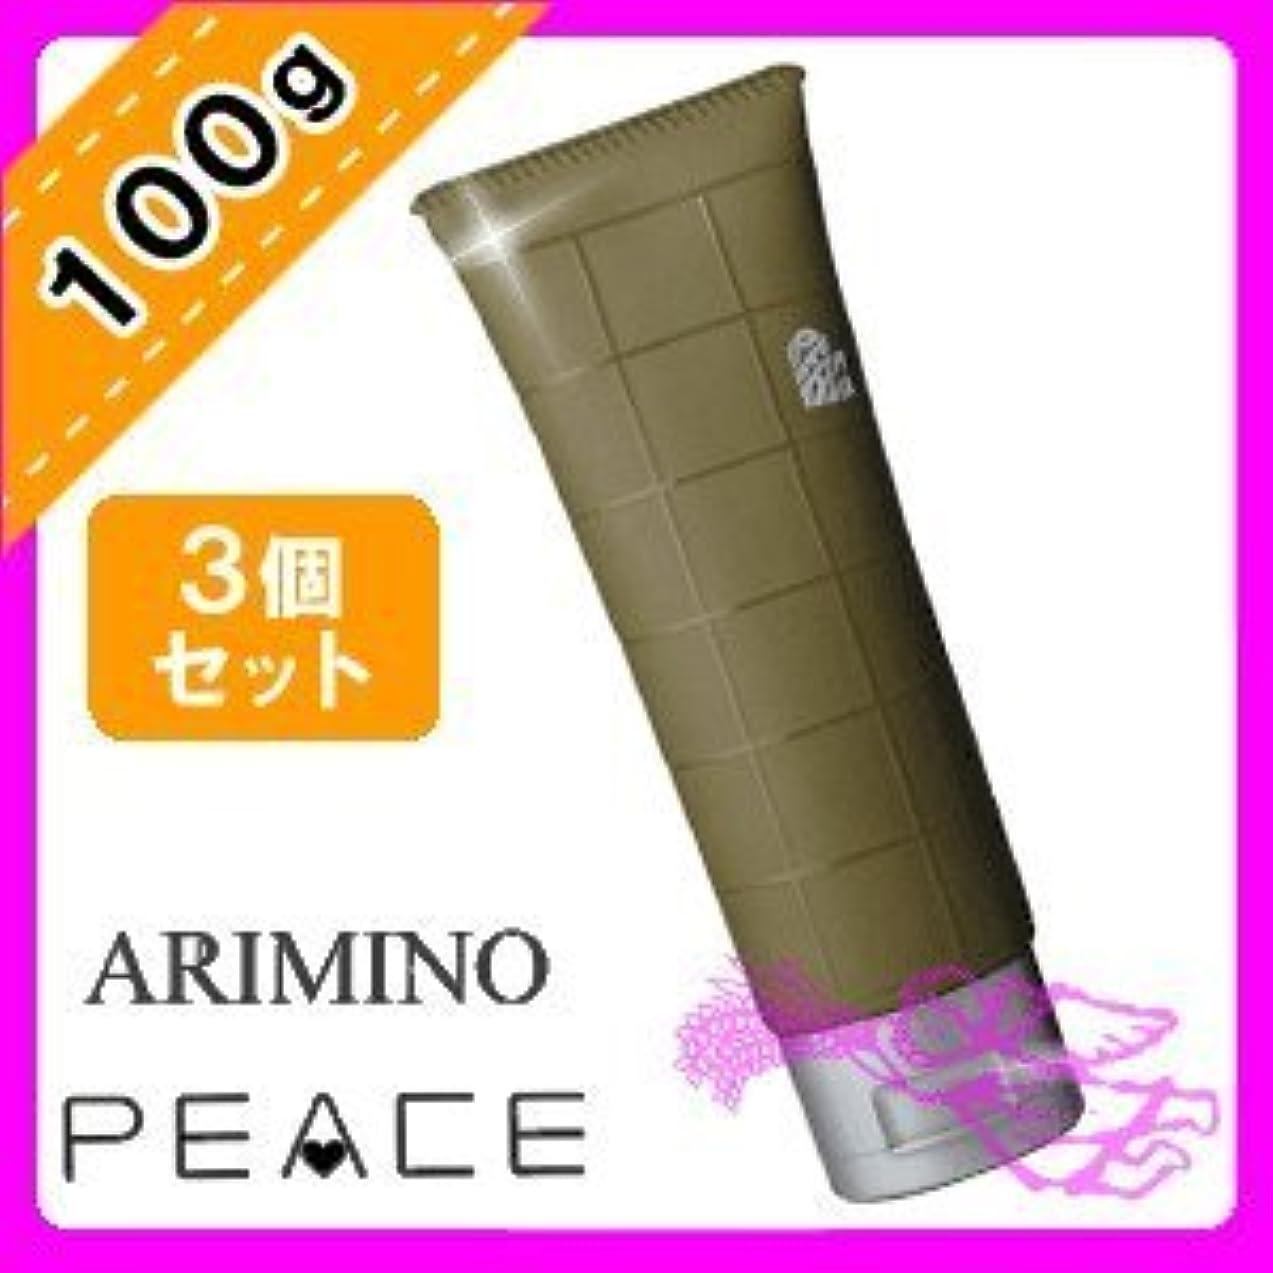 悲観的継承スロットアリミノ ピース ウェットオイル ワックス 100g ×3個セット arimino PEACE